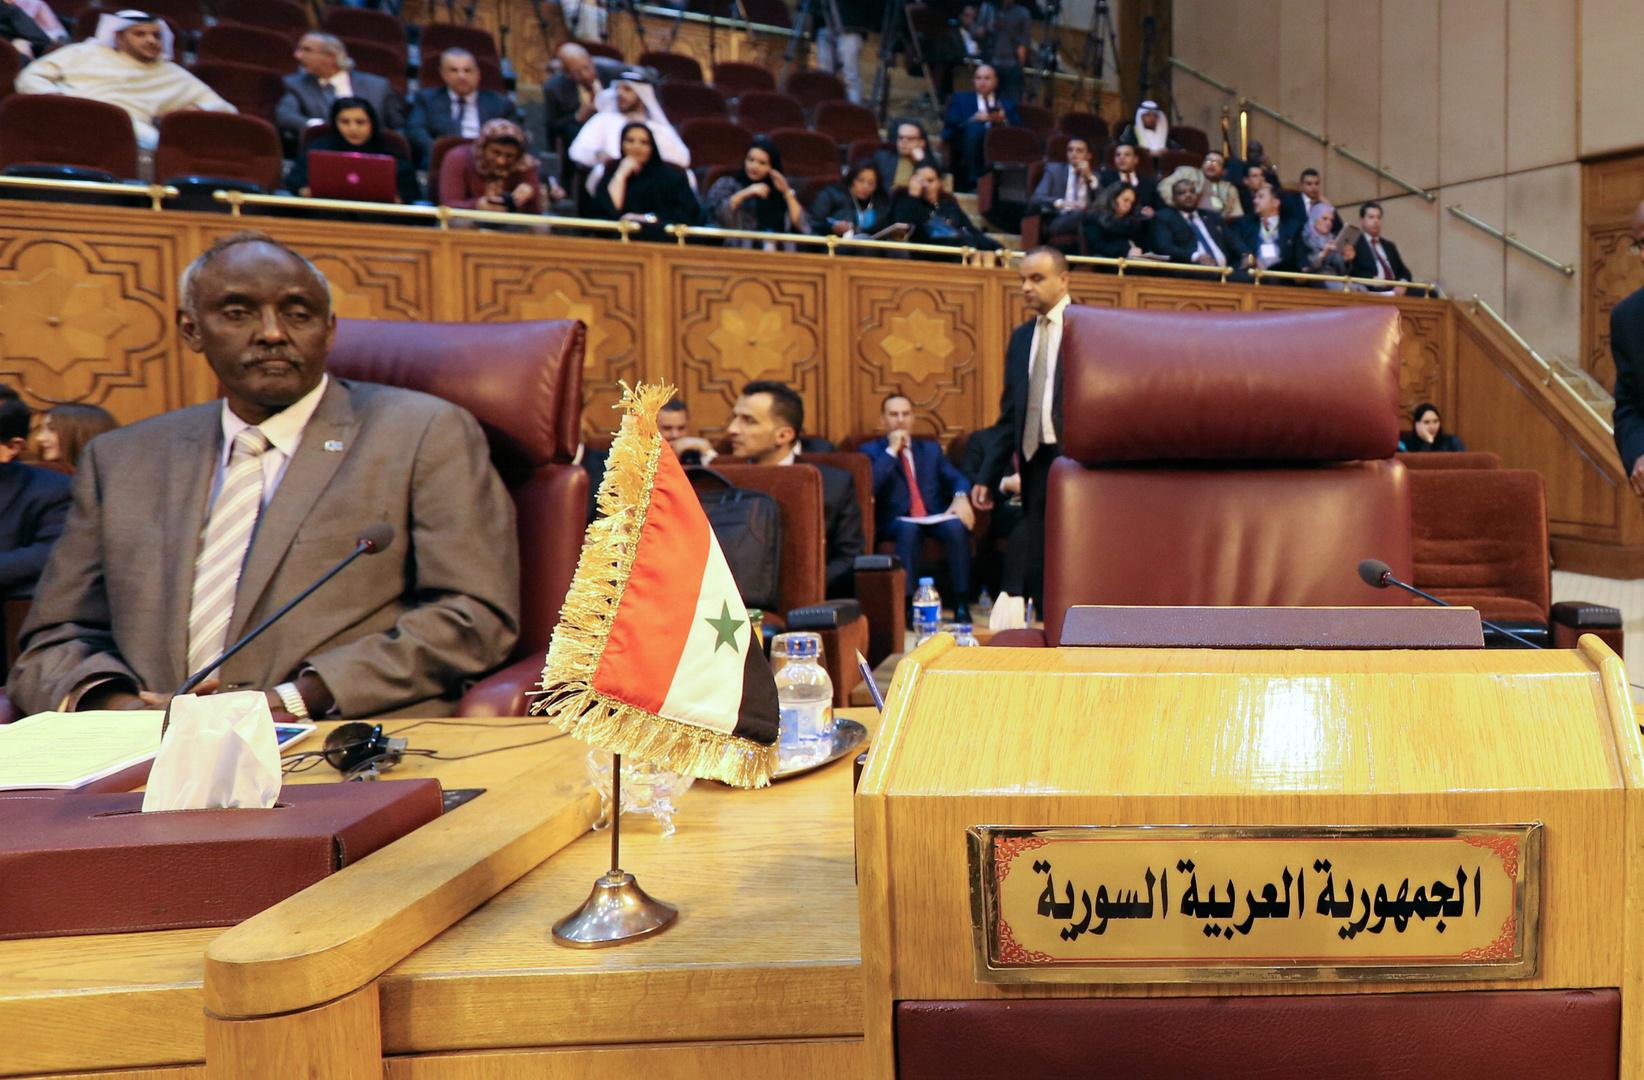 وزير أردني سابق: هناك ضرورة لوجود موقف عربي واحد يحقق السلام في سوريا ويحفظ وحدتها